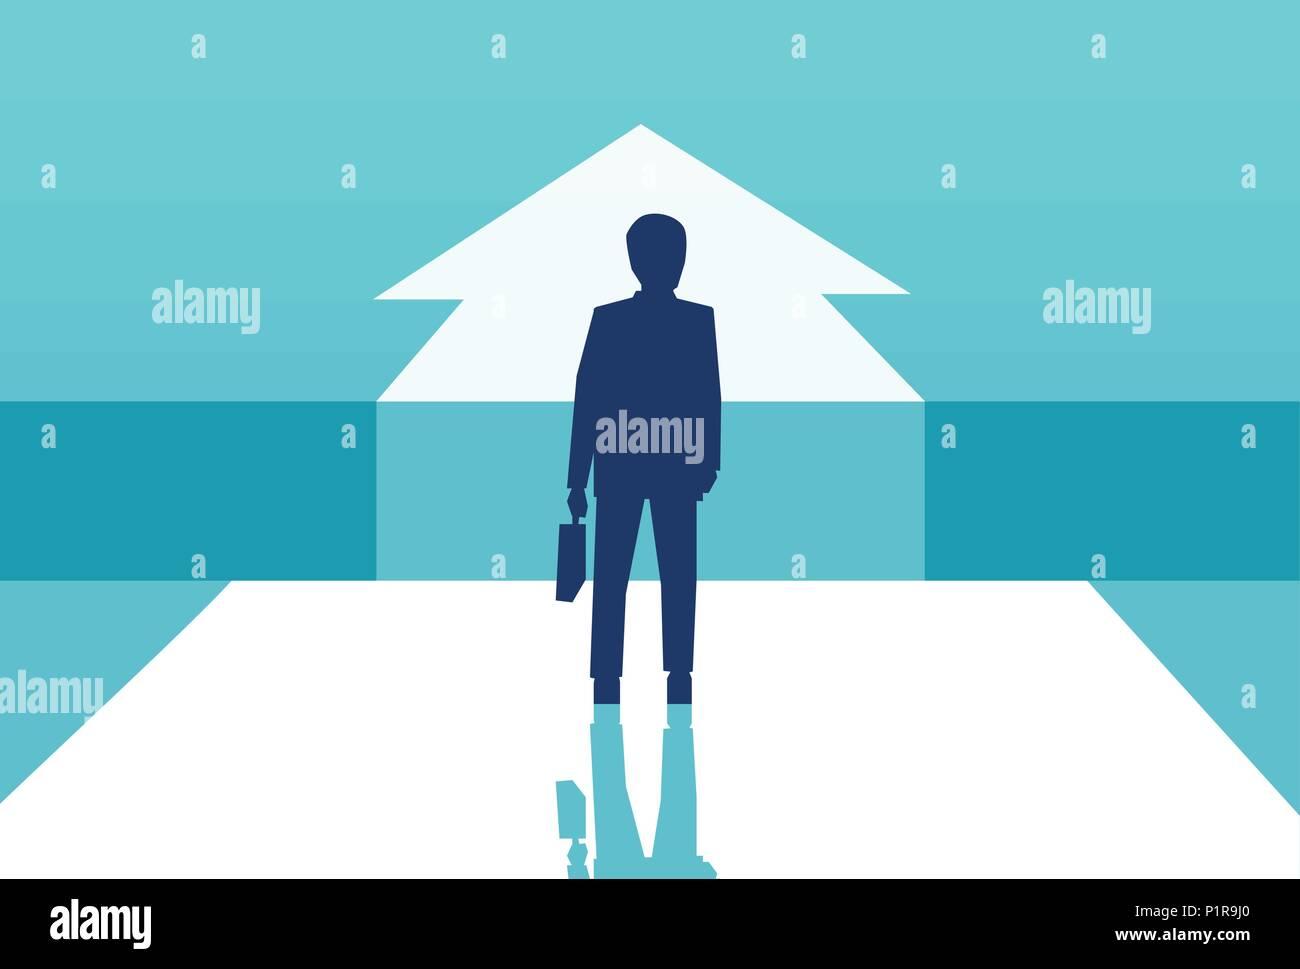 Concetto di vettore di immagine di imprenditore silhouette in piedi nella parte anteriore della freccia scelta di carriera futura. Immagini Stock